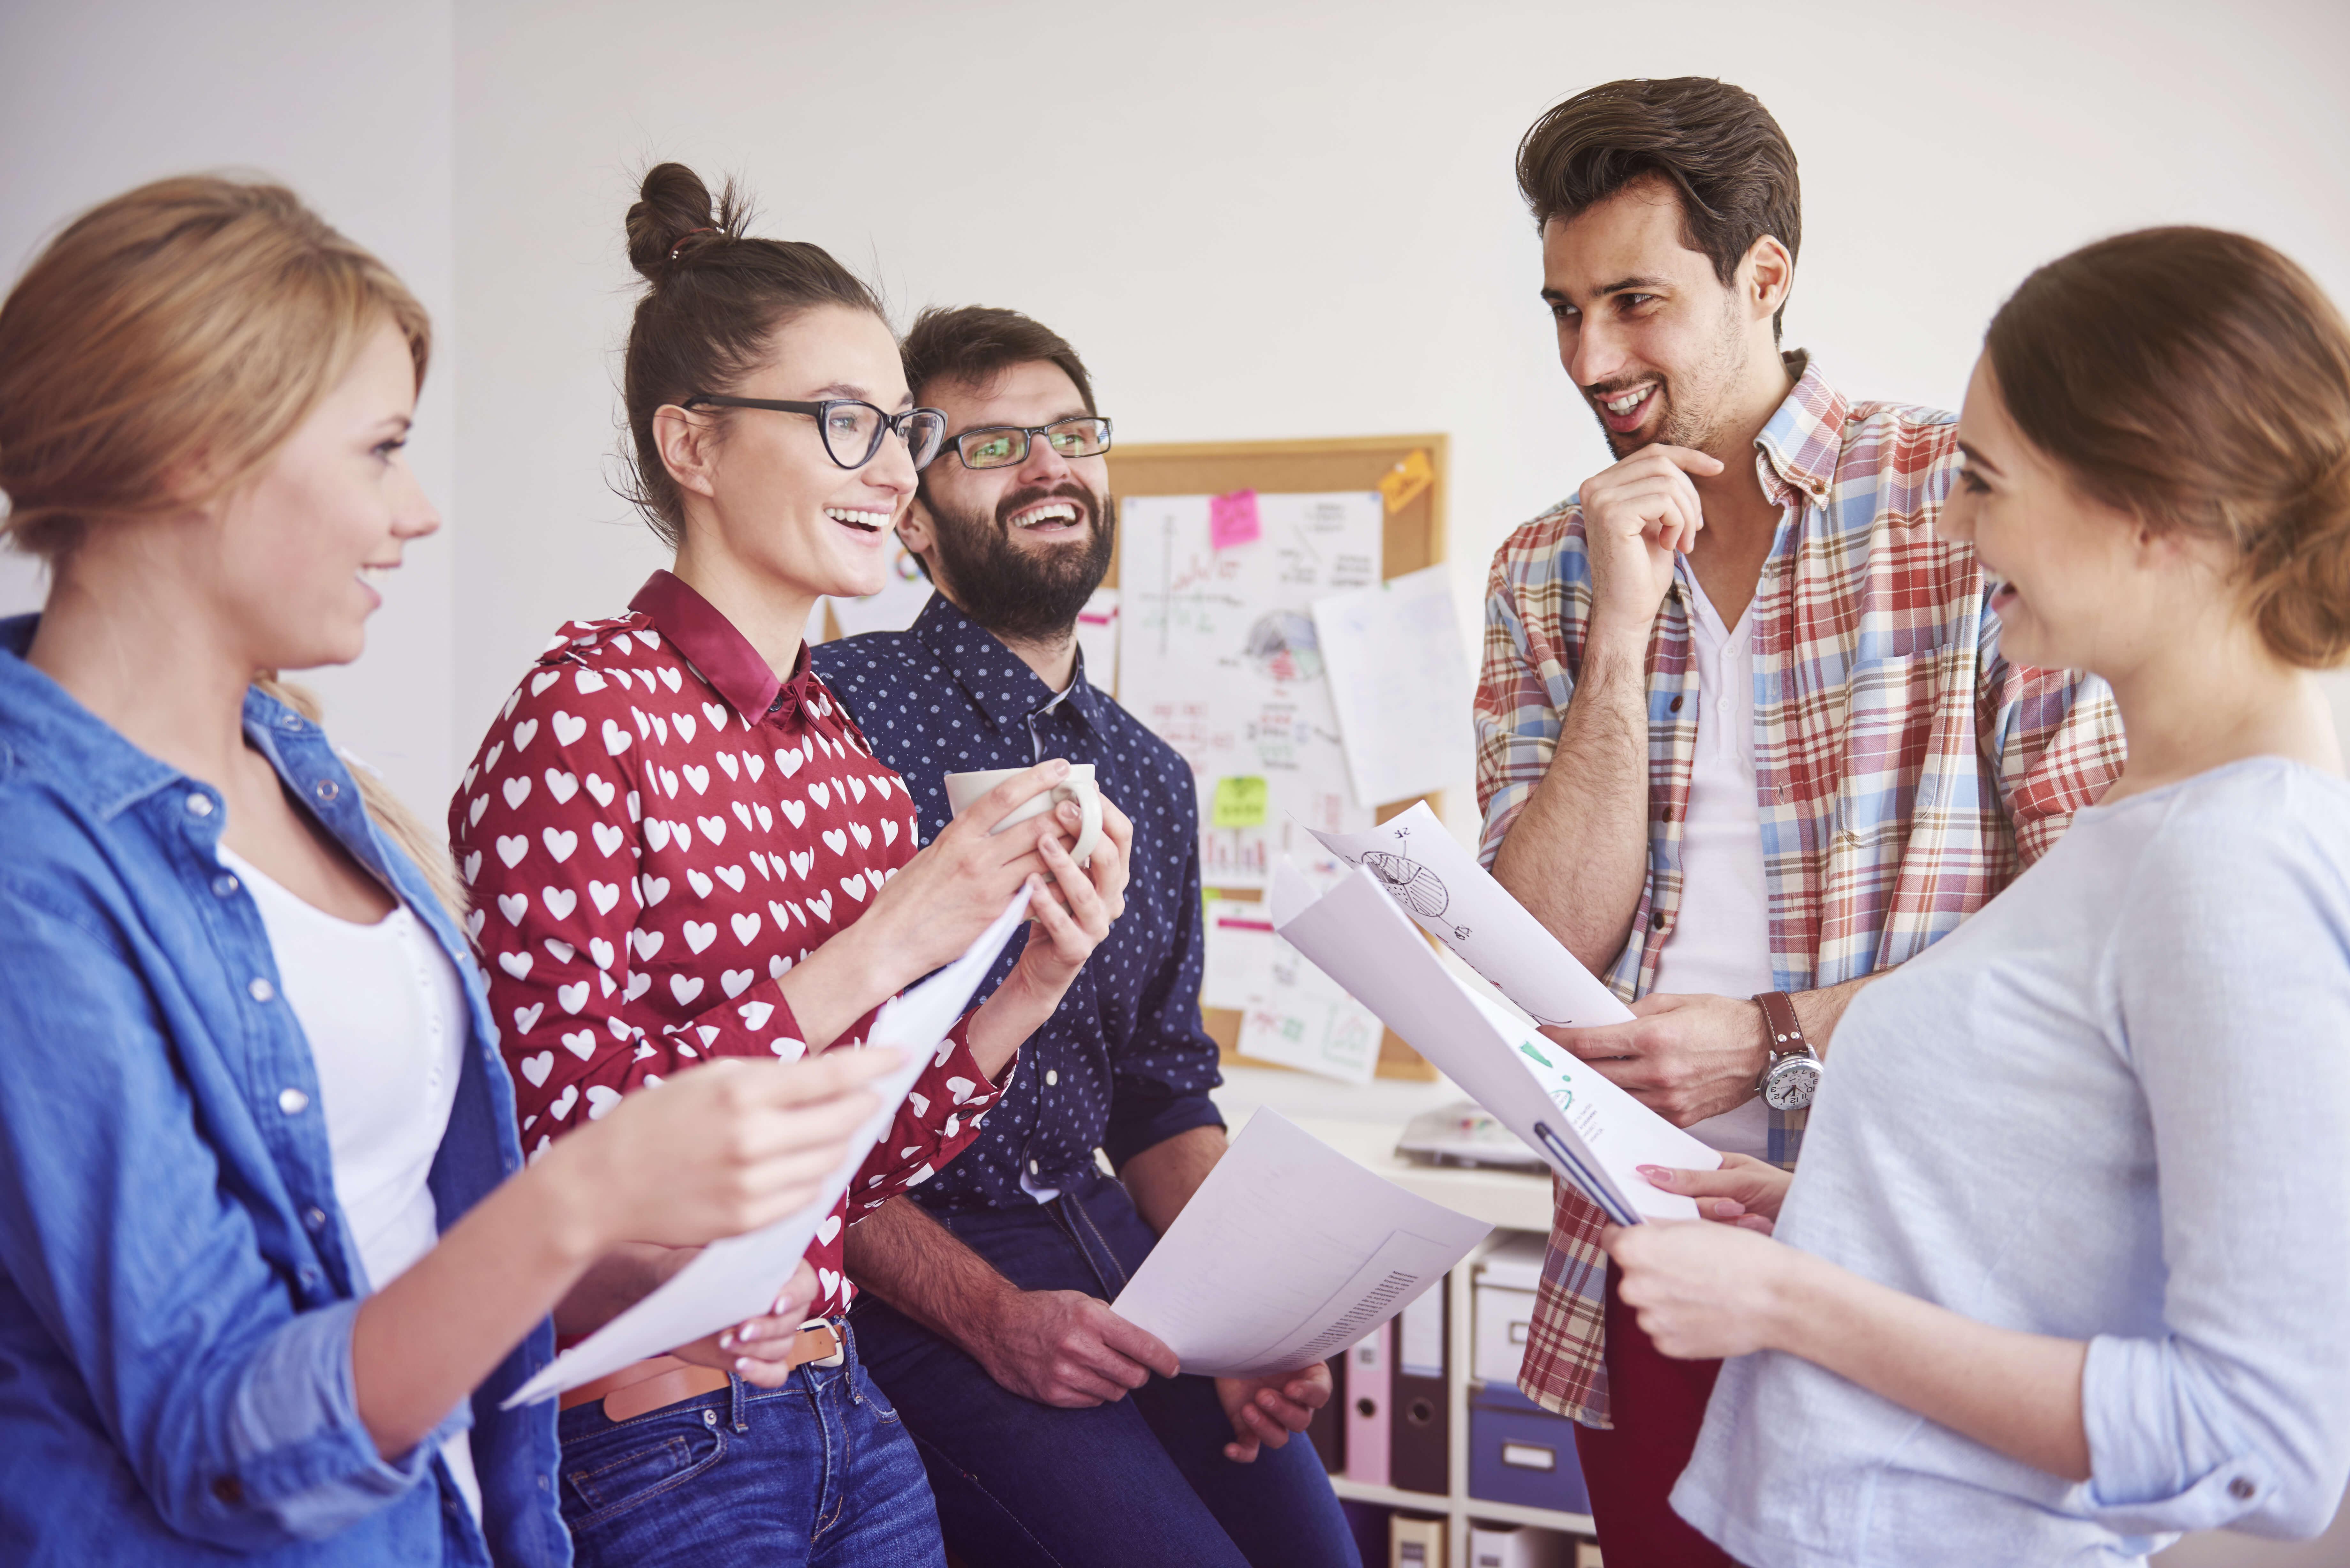 Почему телеком-компаниям пора сменить стратегию и переходить на дружелюбный маркетинг